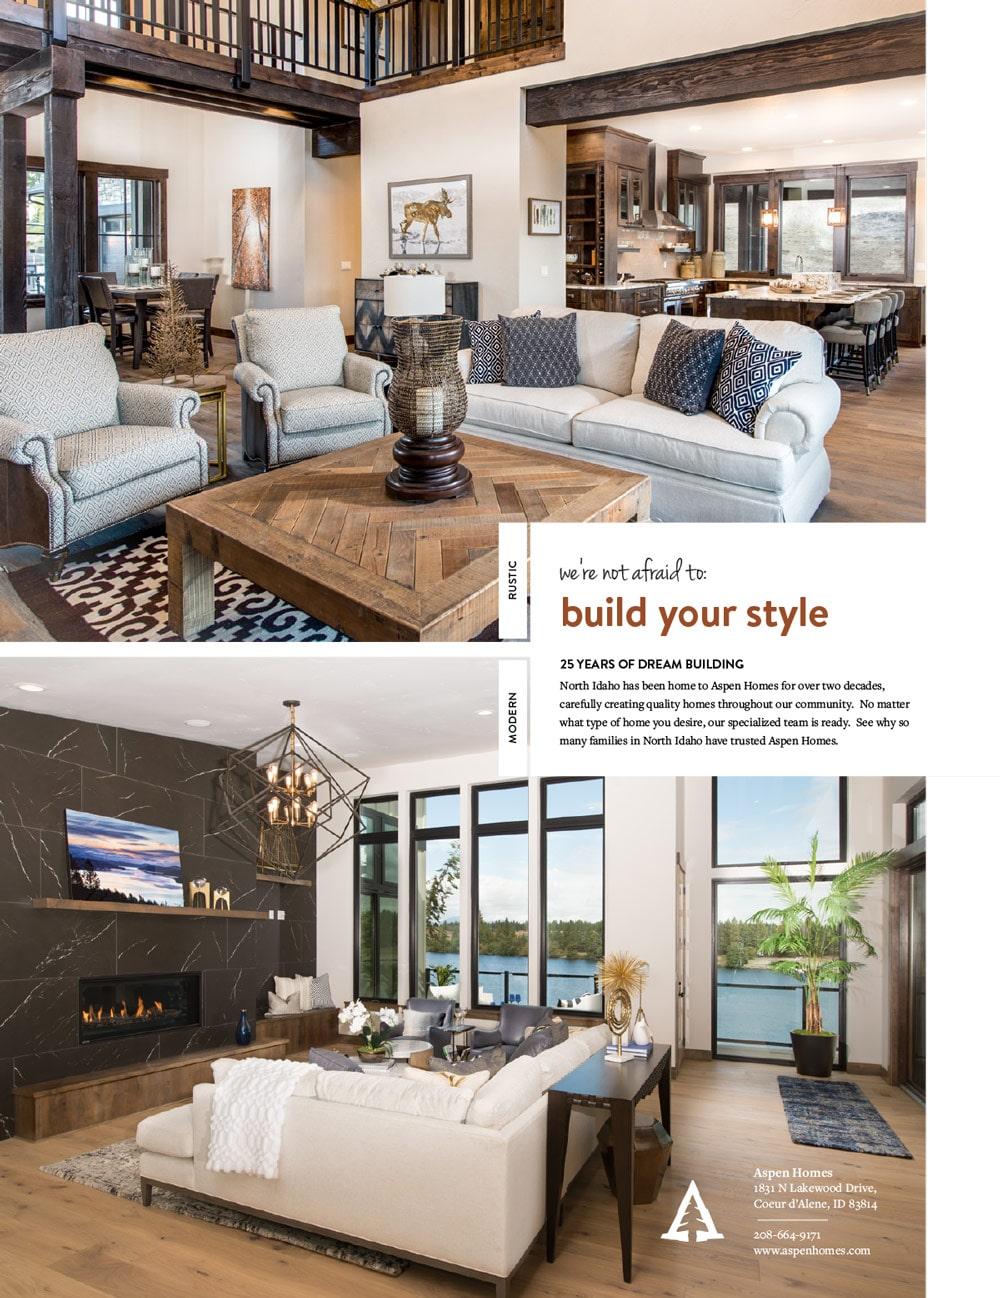 Aspen homes magazine ad 03